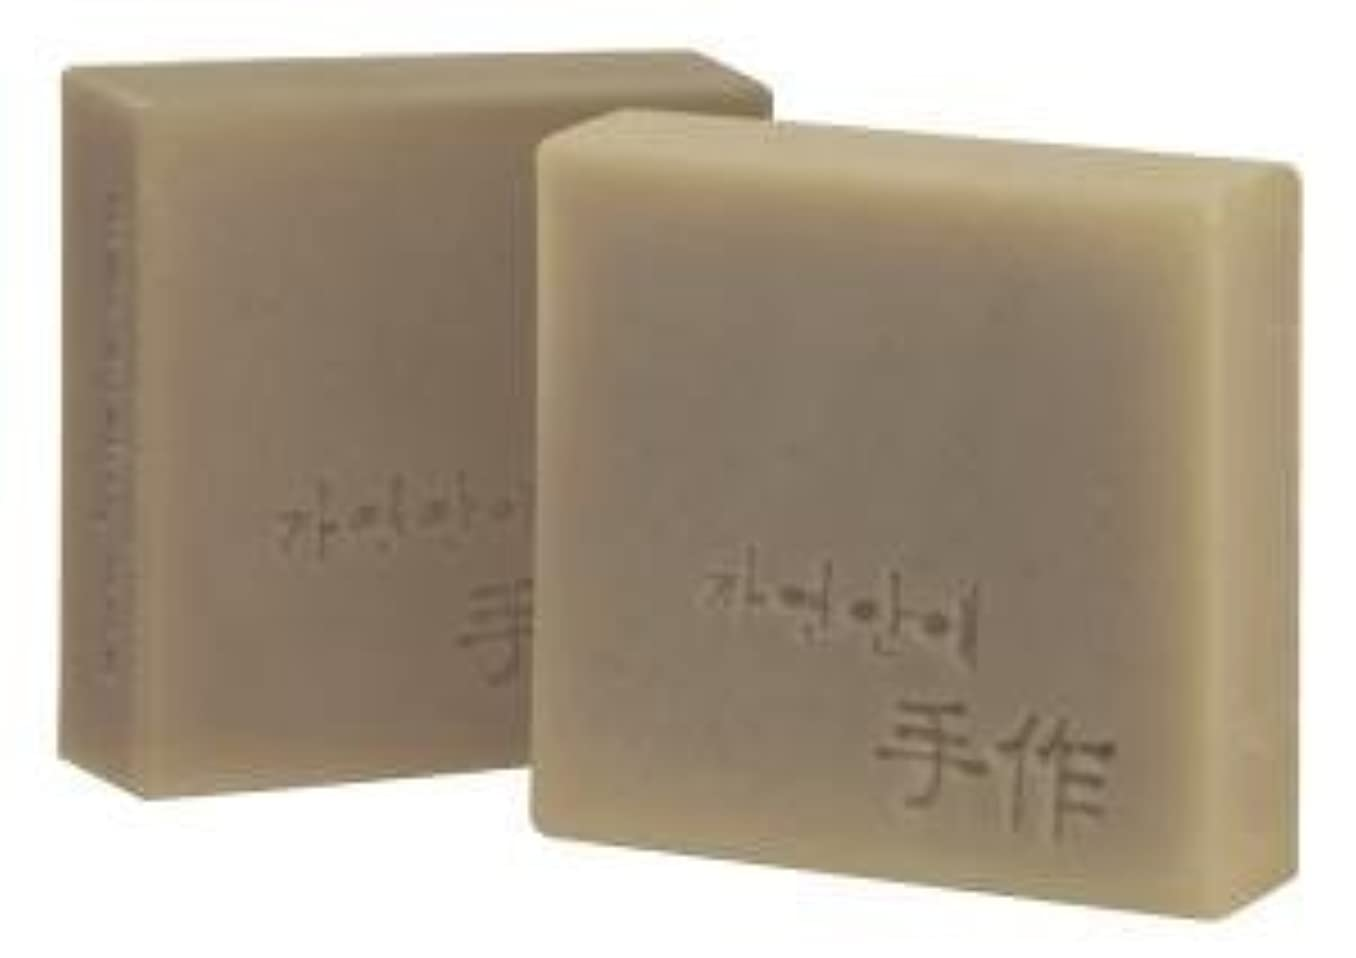 格納照らす高さNatural organic 有機天然ソープ 固形 無添加 洗顔 (梅) [並行輸入品]